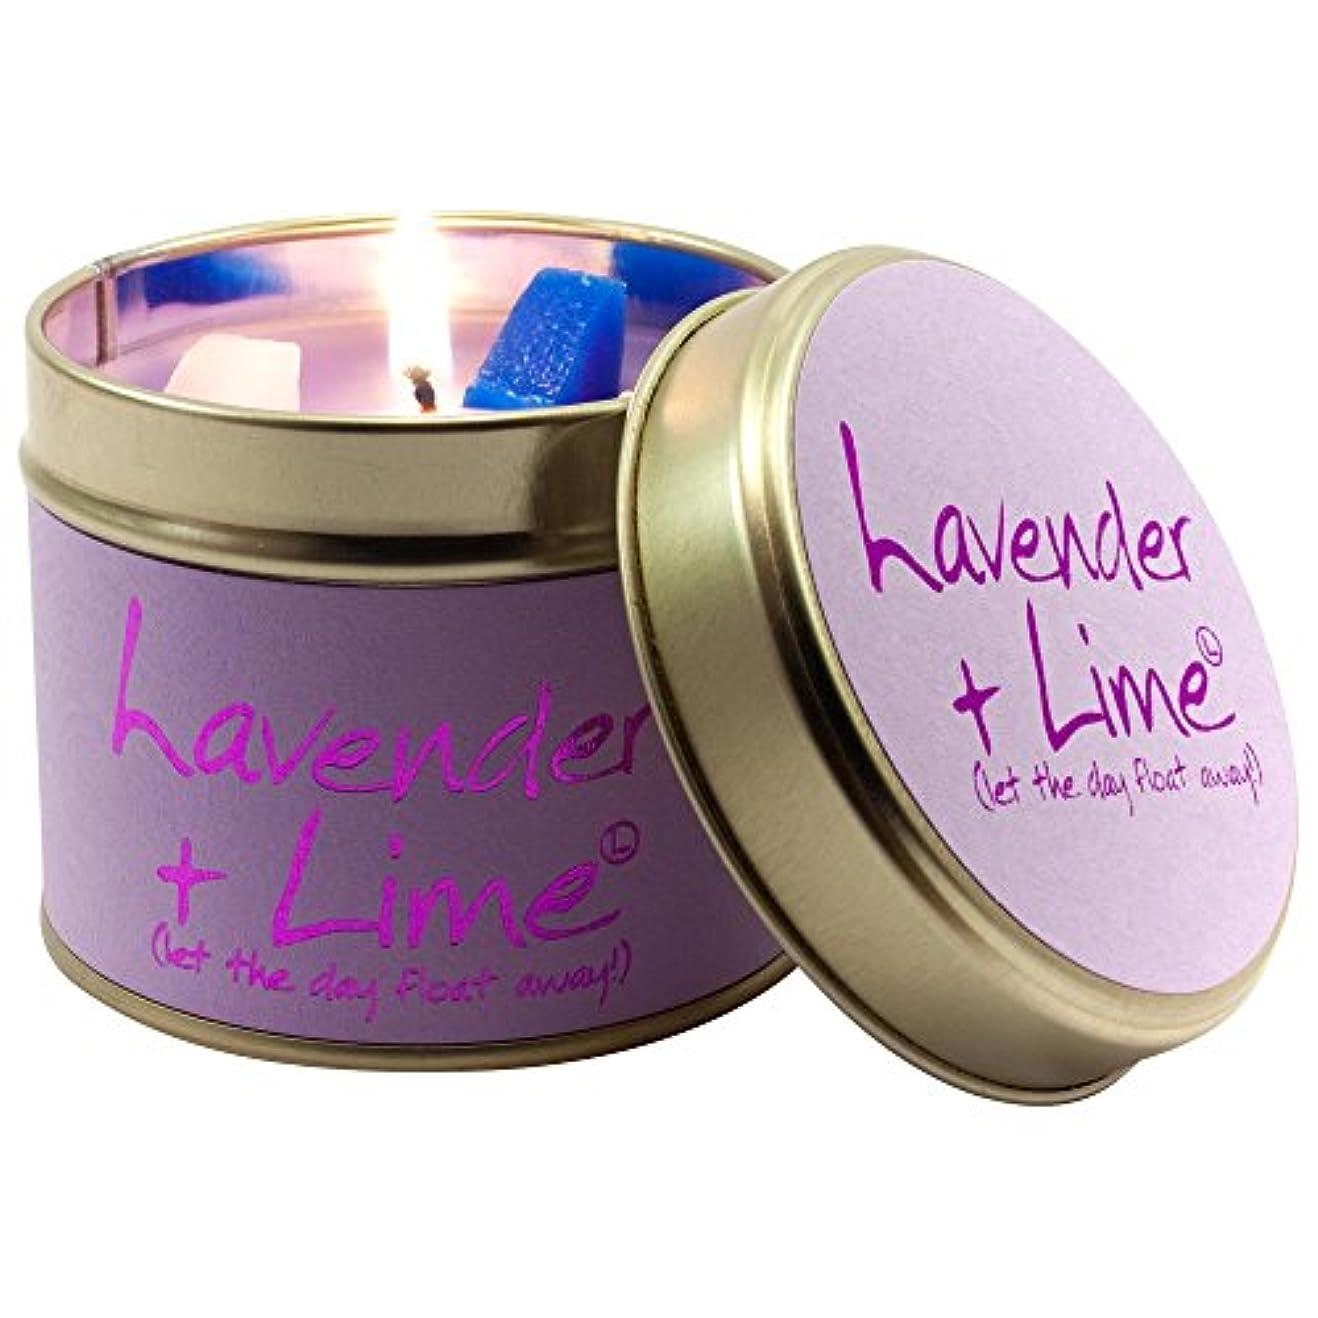 喜劇アレキサンダーグラハムベルバックグラウンドユリ炎ラベンダー、ライムの香りのキャンドルジャー (Lily-Flame) - Lily-Flame Lavender and Lime Scented Candle Jar [並行輸入品]